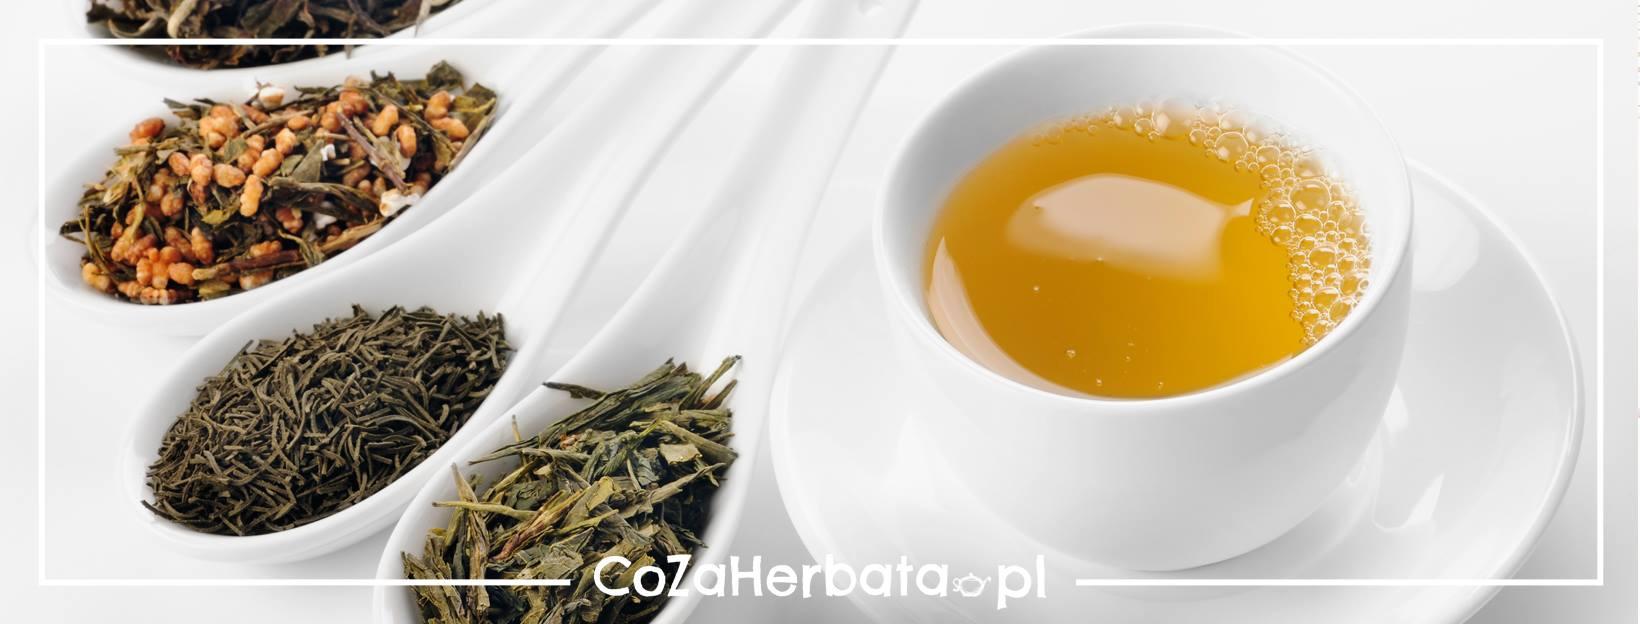 Darmowa dostawa bez minimalnej kwoty w sklepie cozaherbata.pl